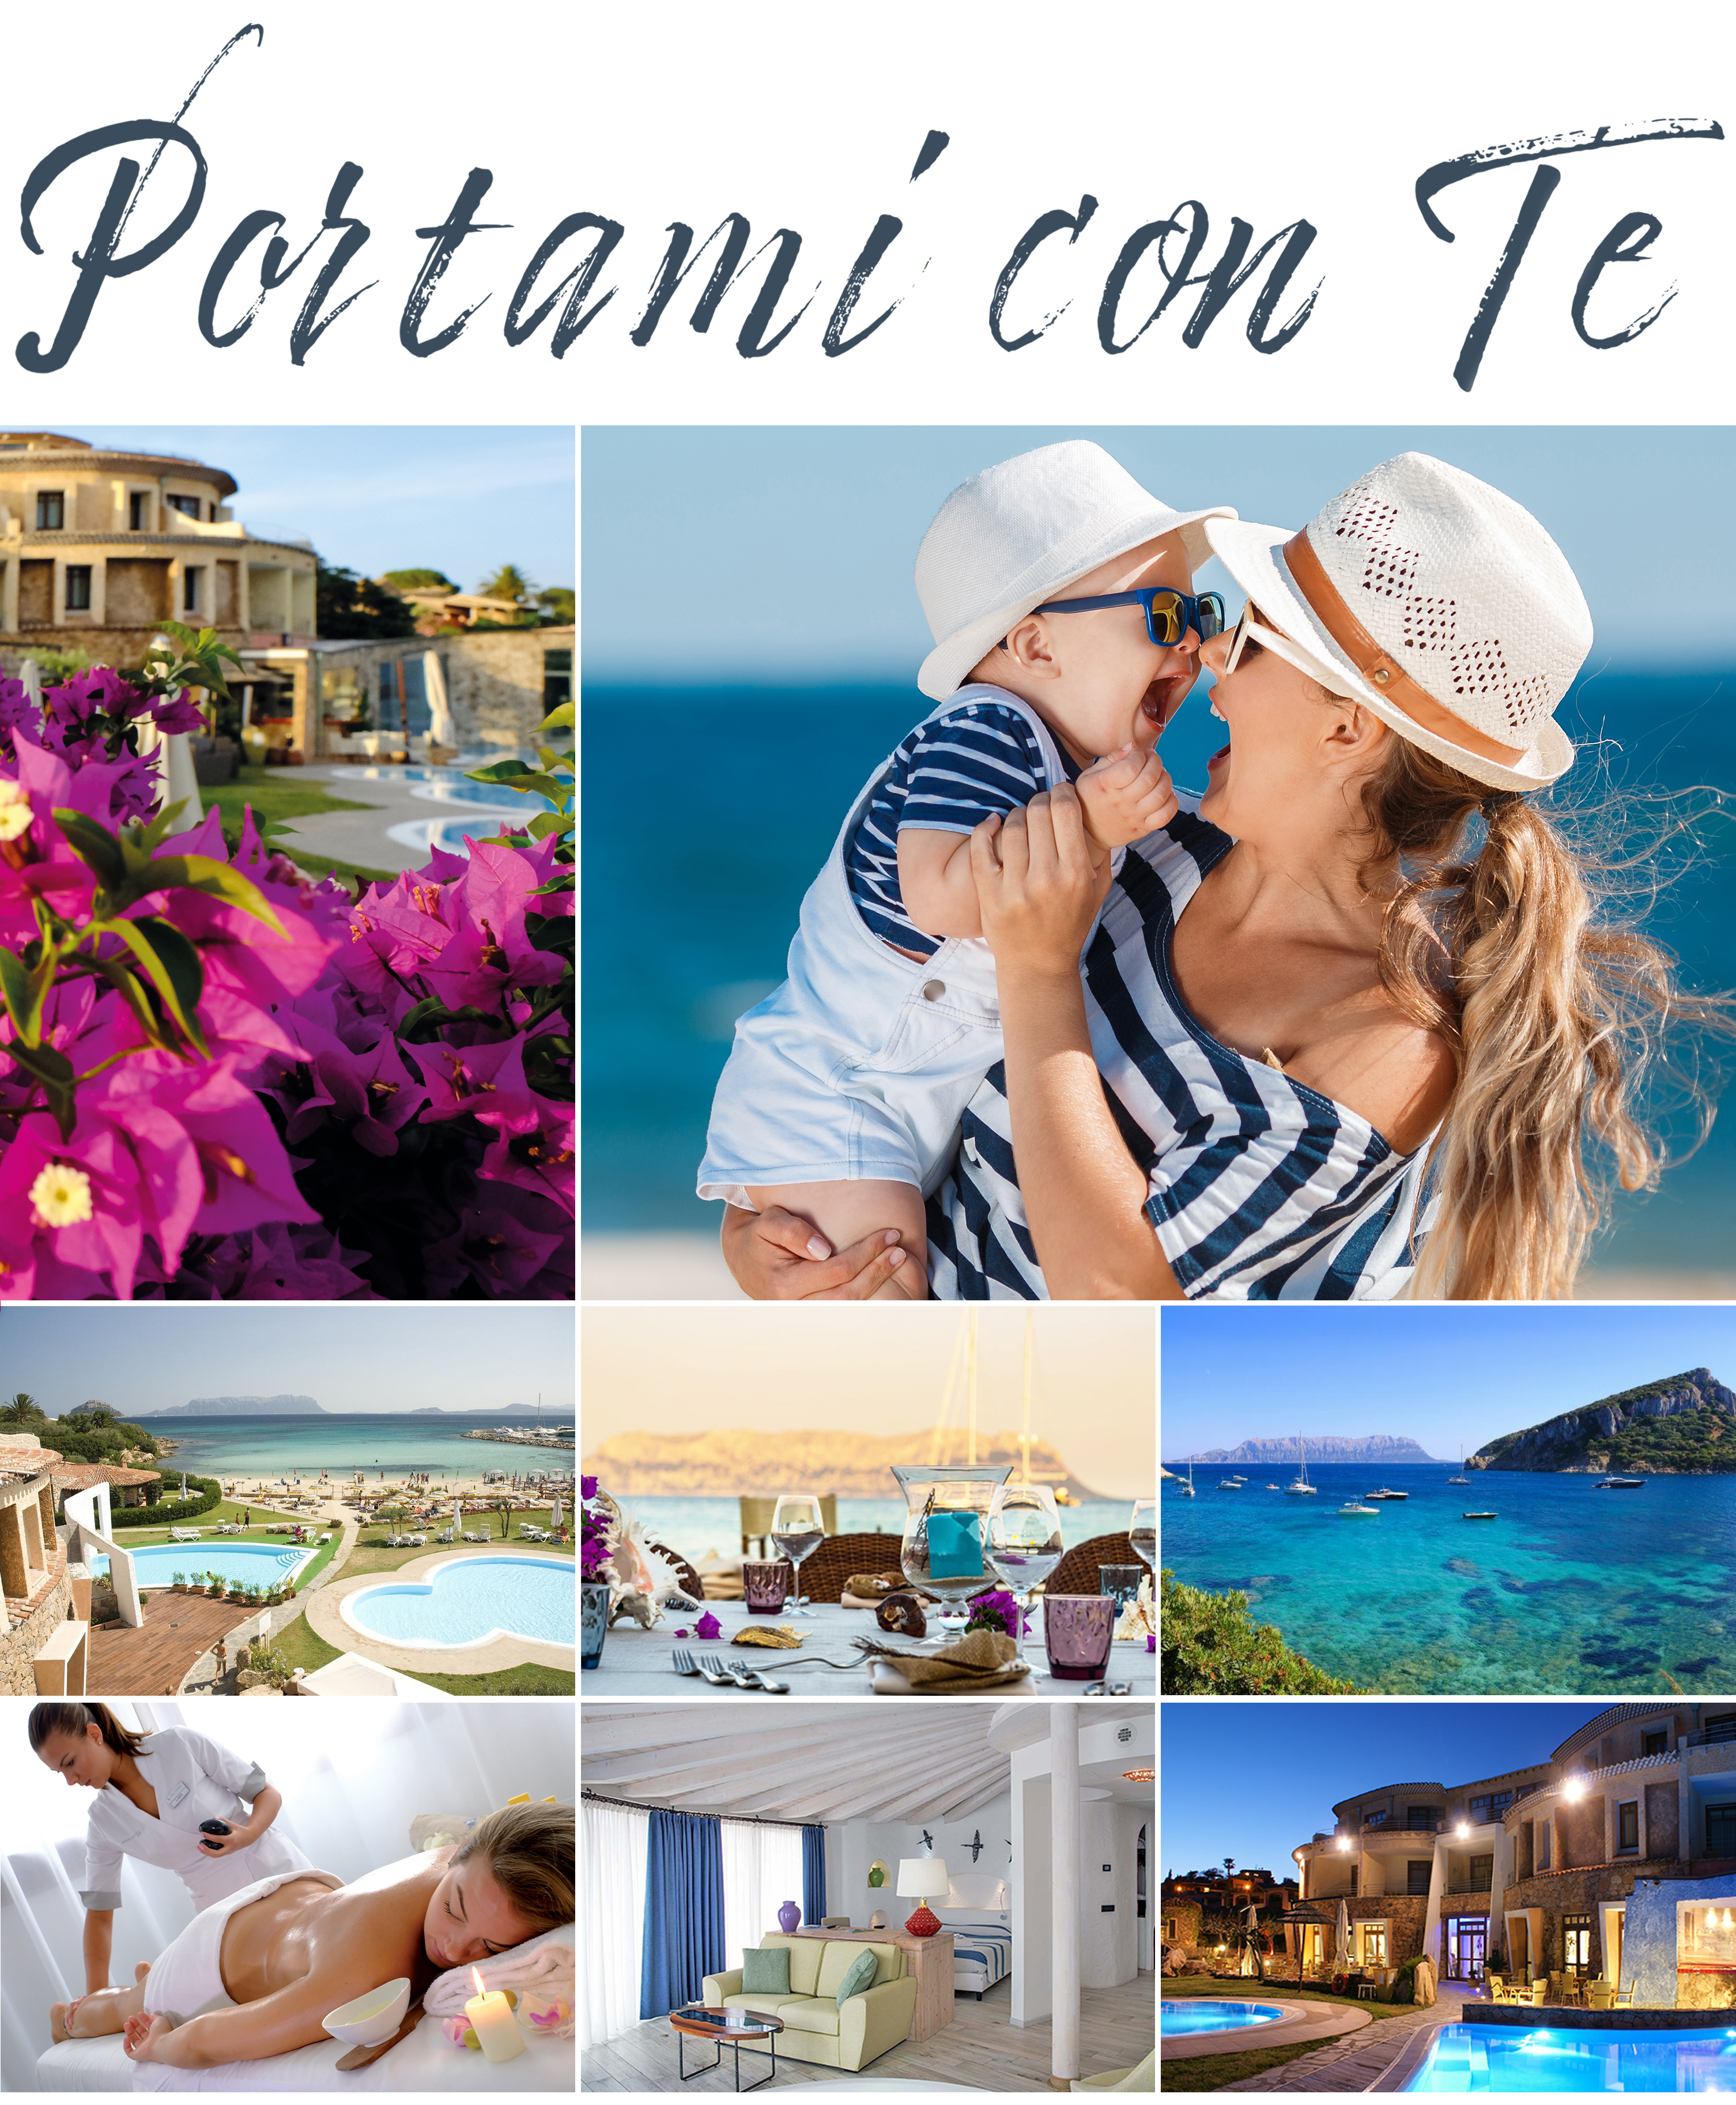 A__ottimizzato_A__FAMILY__photo__nuova_copia_LANDING-PAGE__01__Family-Sardegna---La-tua-vacanza-di-agosto-con-i-bambini__Portami-con-Te__copia